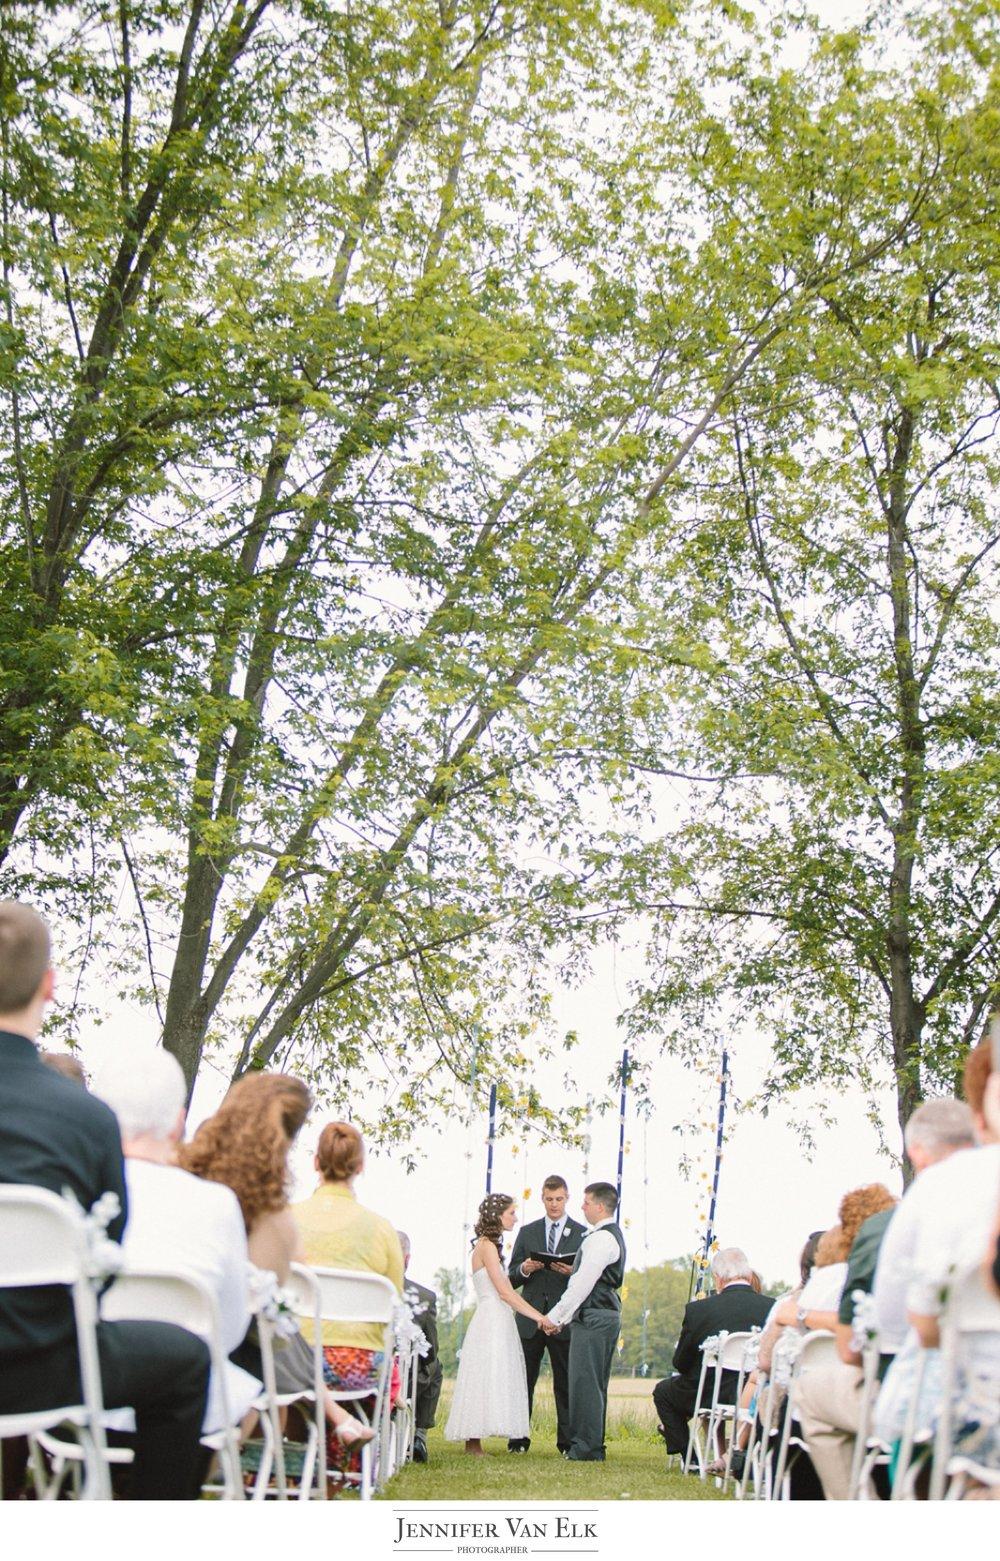 056 wedding vows.jpg